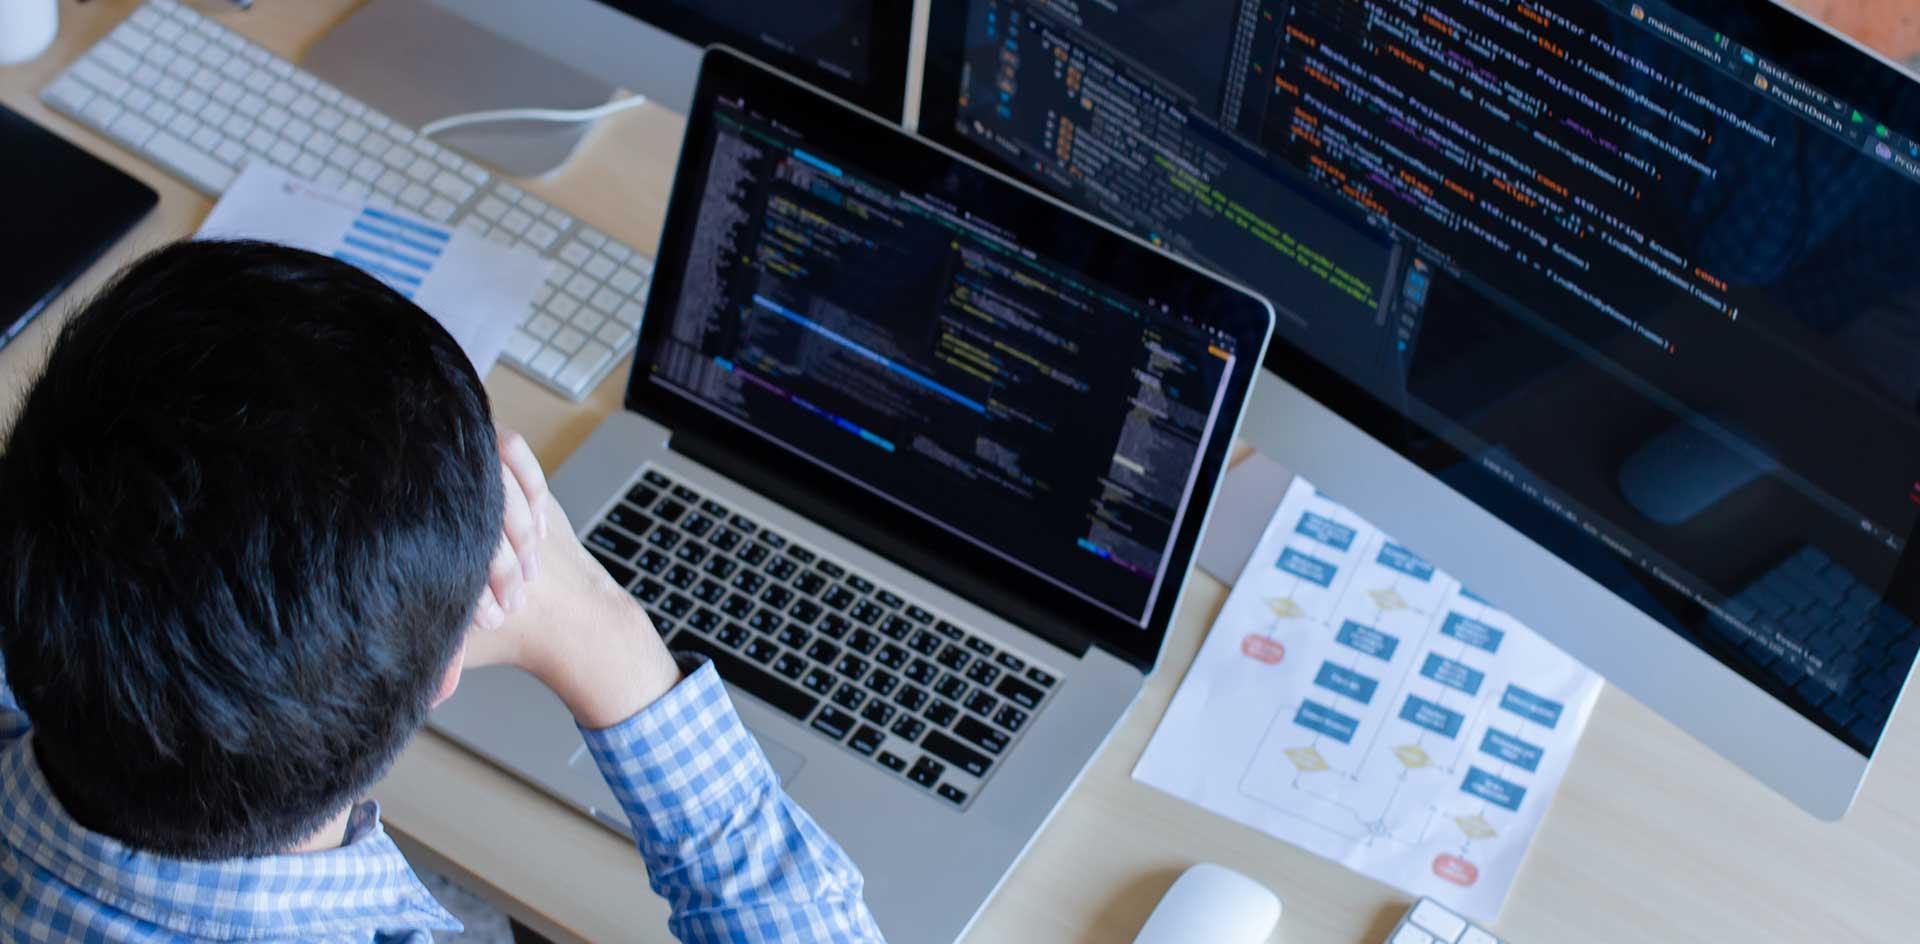 Entwicklung von Webanwendungen